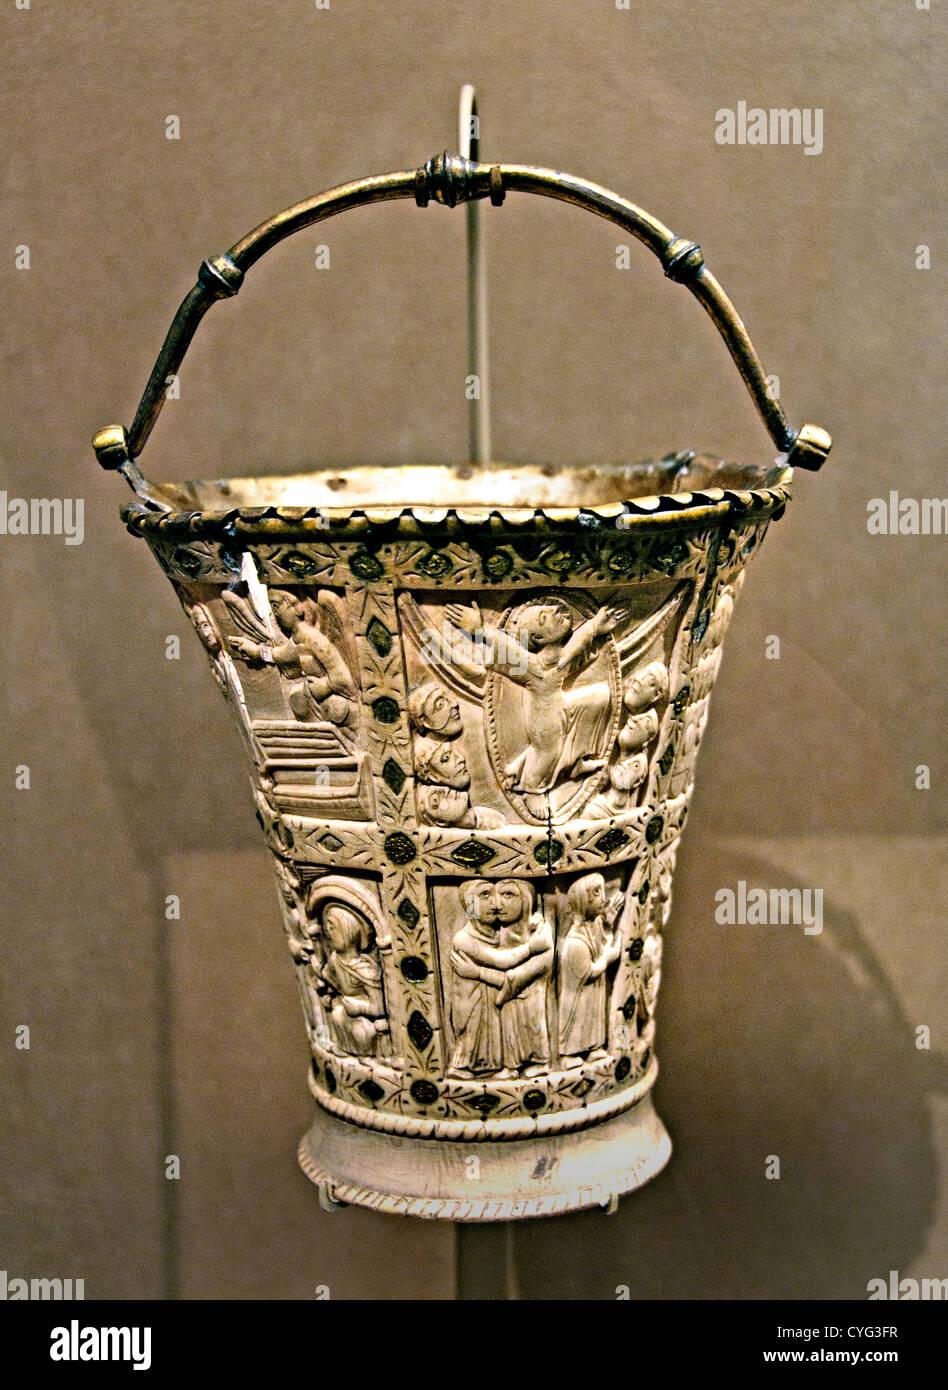 Situla benna per l'acqua santa 860-880 nel nord della Francia carolingia avorio con rame dorato supporti in Immagini Stock